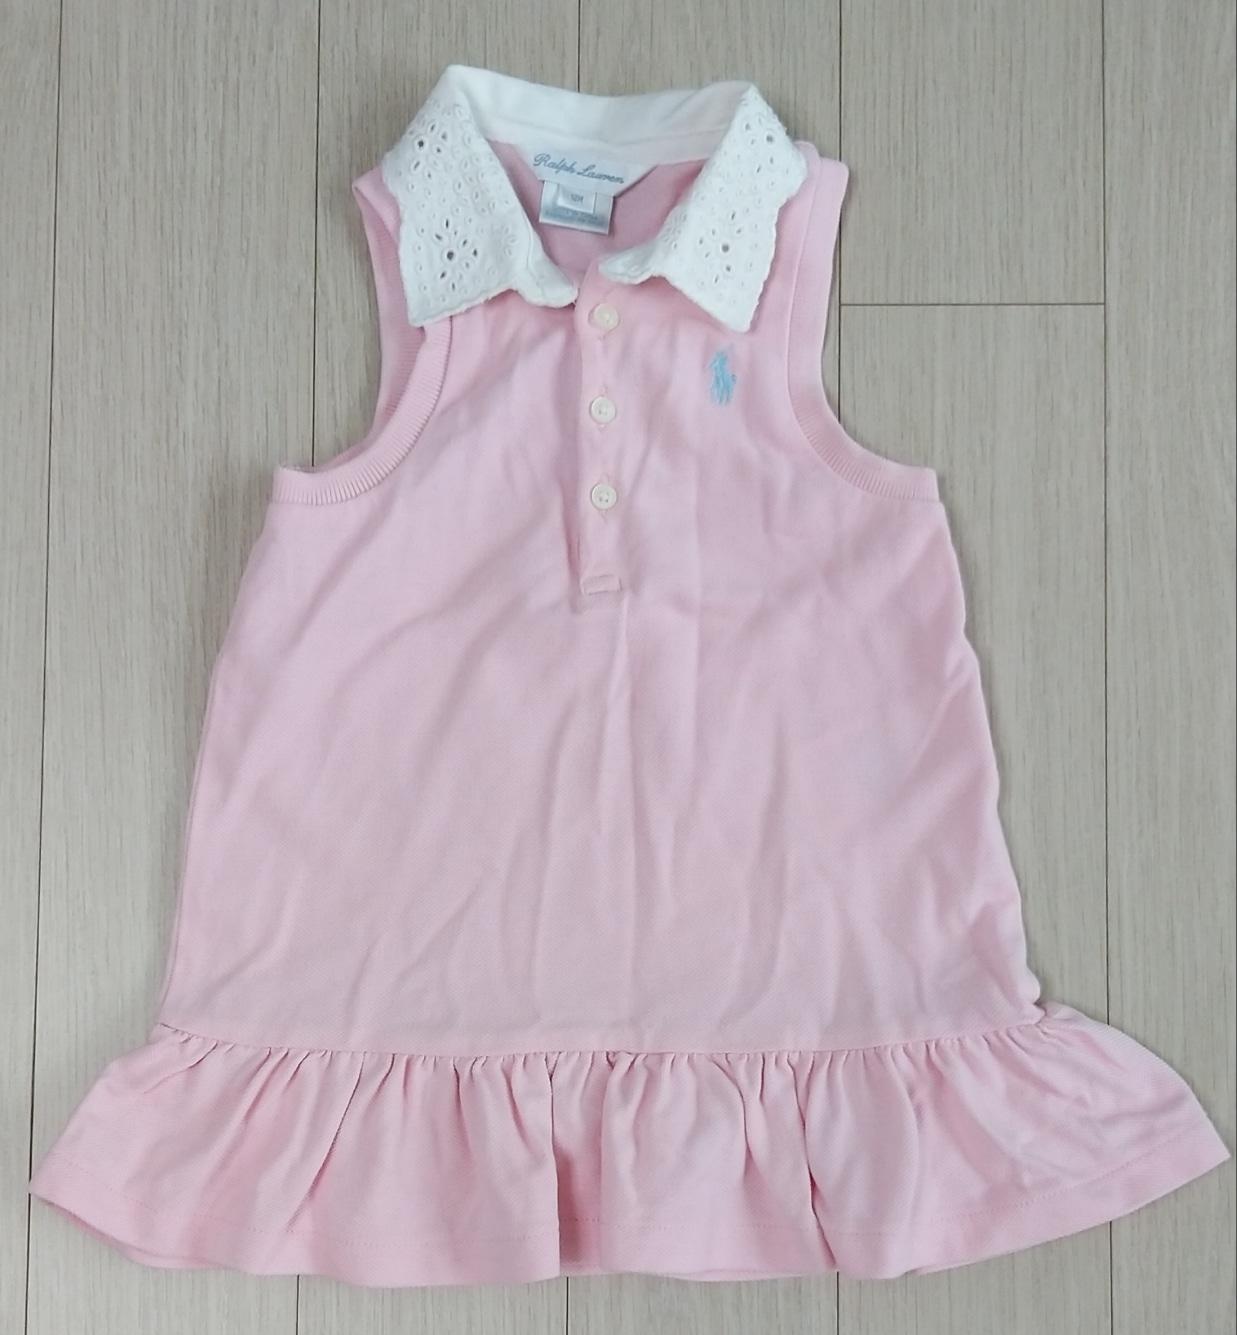 <아기옷, 어린이옷> 여러벌 완전 저렴하게 판매!!! ㅡ1